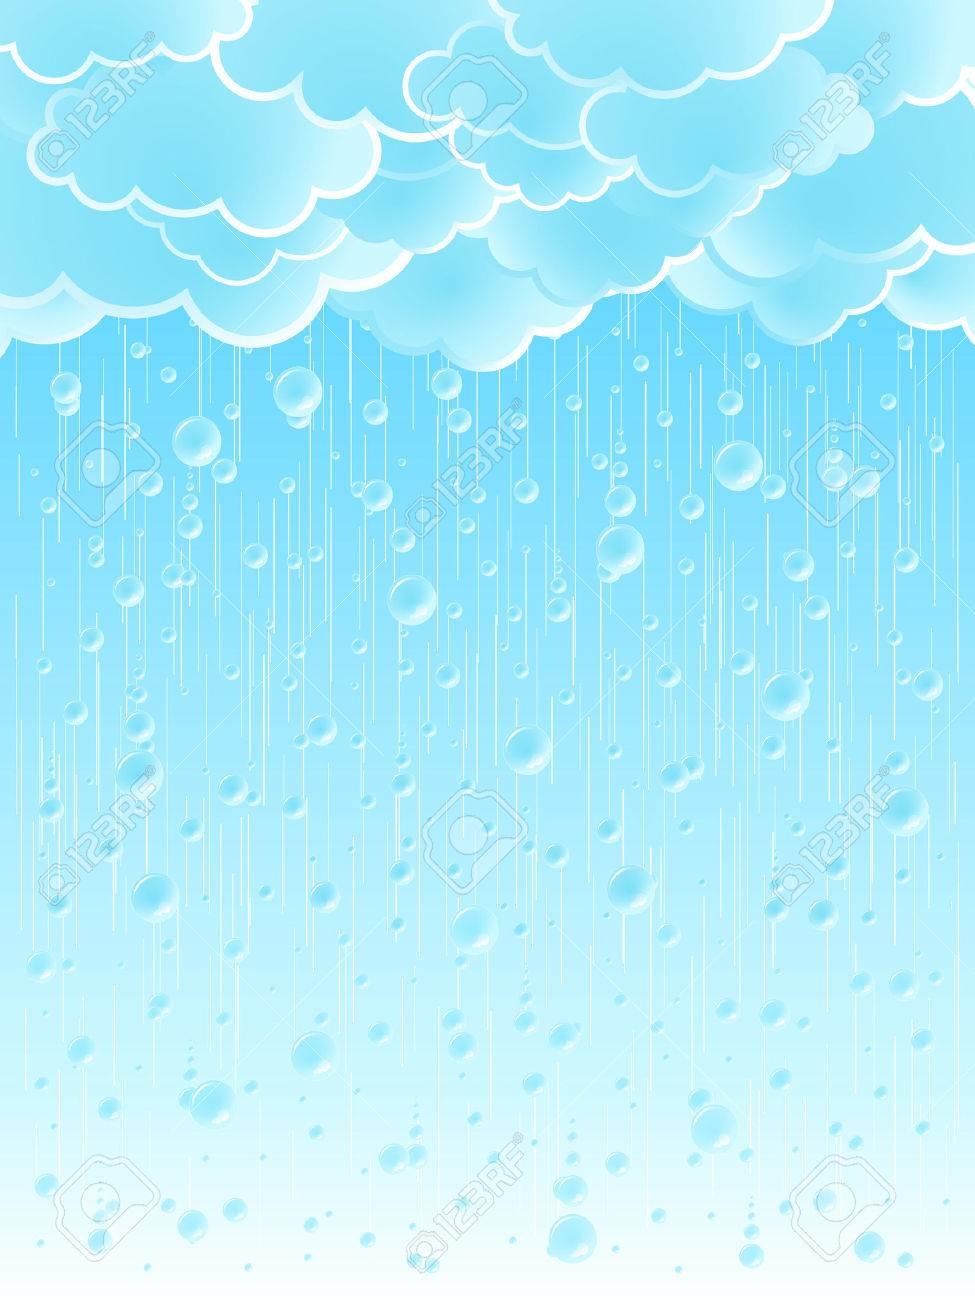 美しい光夏シャワー雨背景のベクトル イラスト。 ロイヤリティフリー